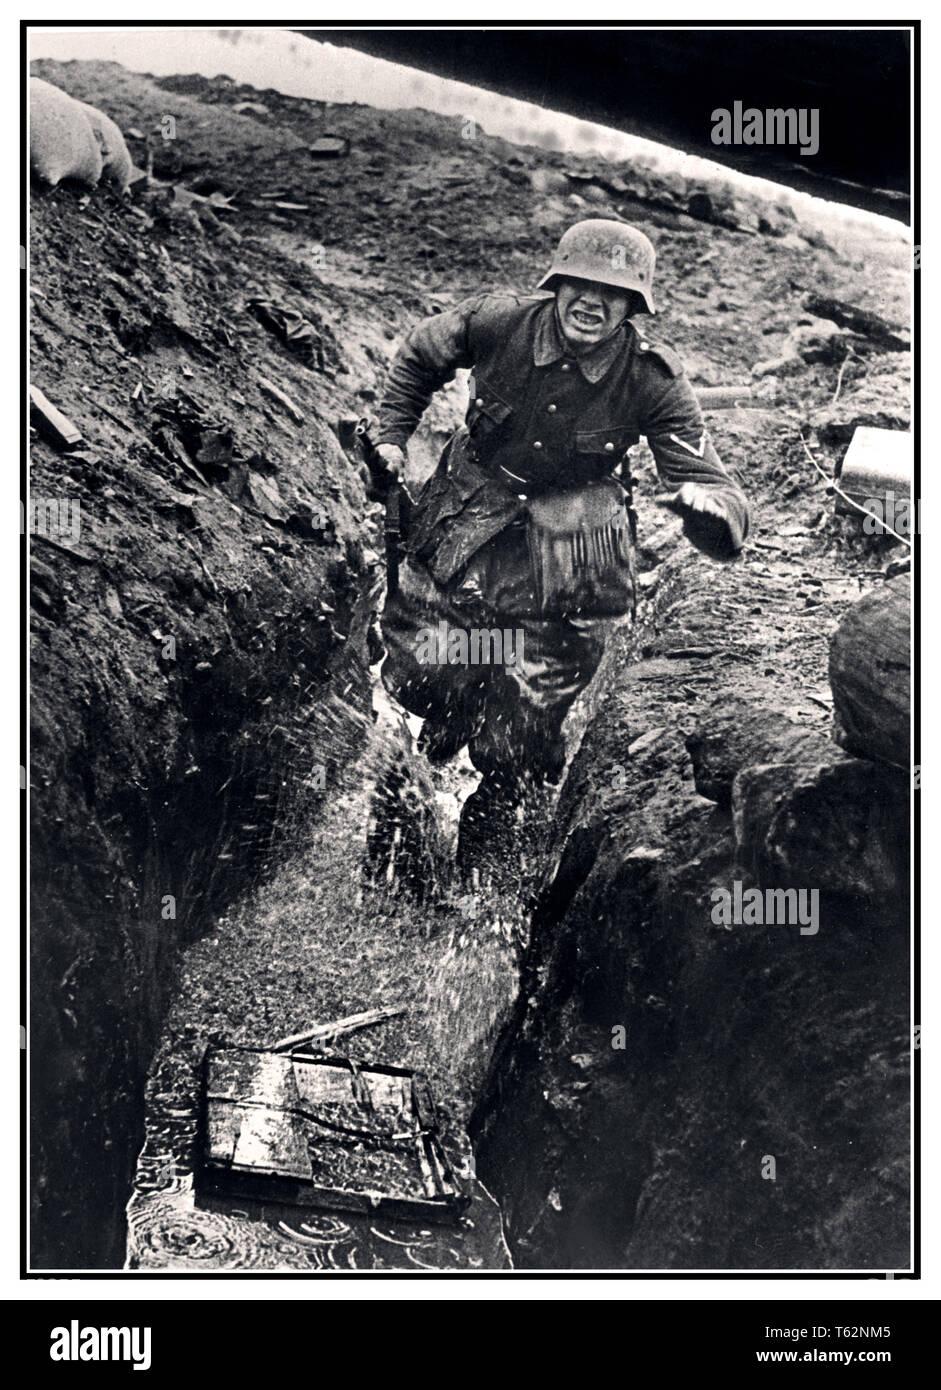 WW 2 Deutsche Schützengräben bemerkenswerte Reportage Bild von Nazi Deutschland Wehrmacht Armee Messenger im Regen laufen getränkt nasse Graben. Der Ostfront. Ostfront des Zweiten Weltkriegs war ein Konflikt zwischen dem nationalsozialistischen Deutschland und der Sowjetunion von 1941 bis 1945. Stockbild